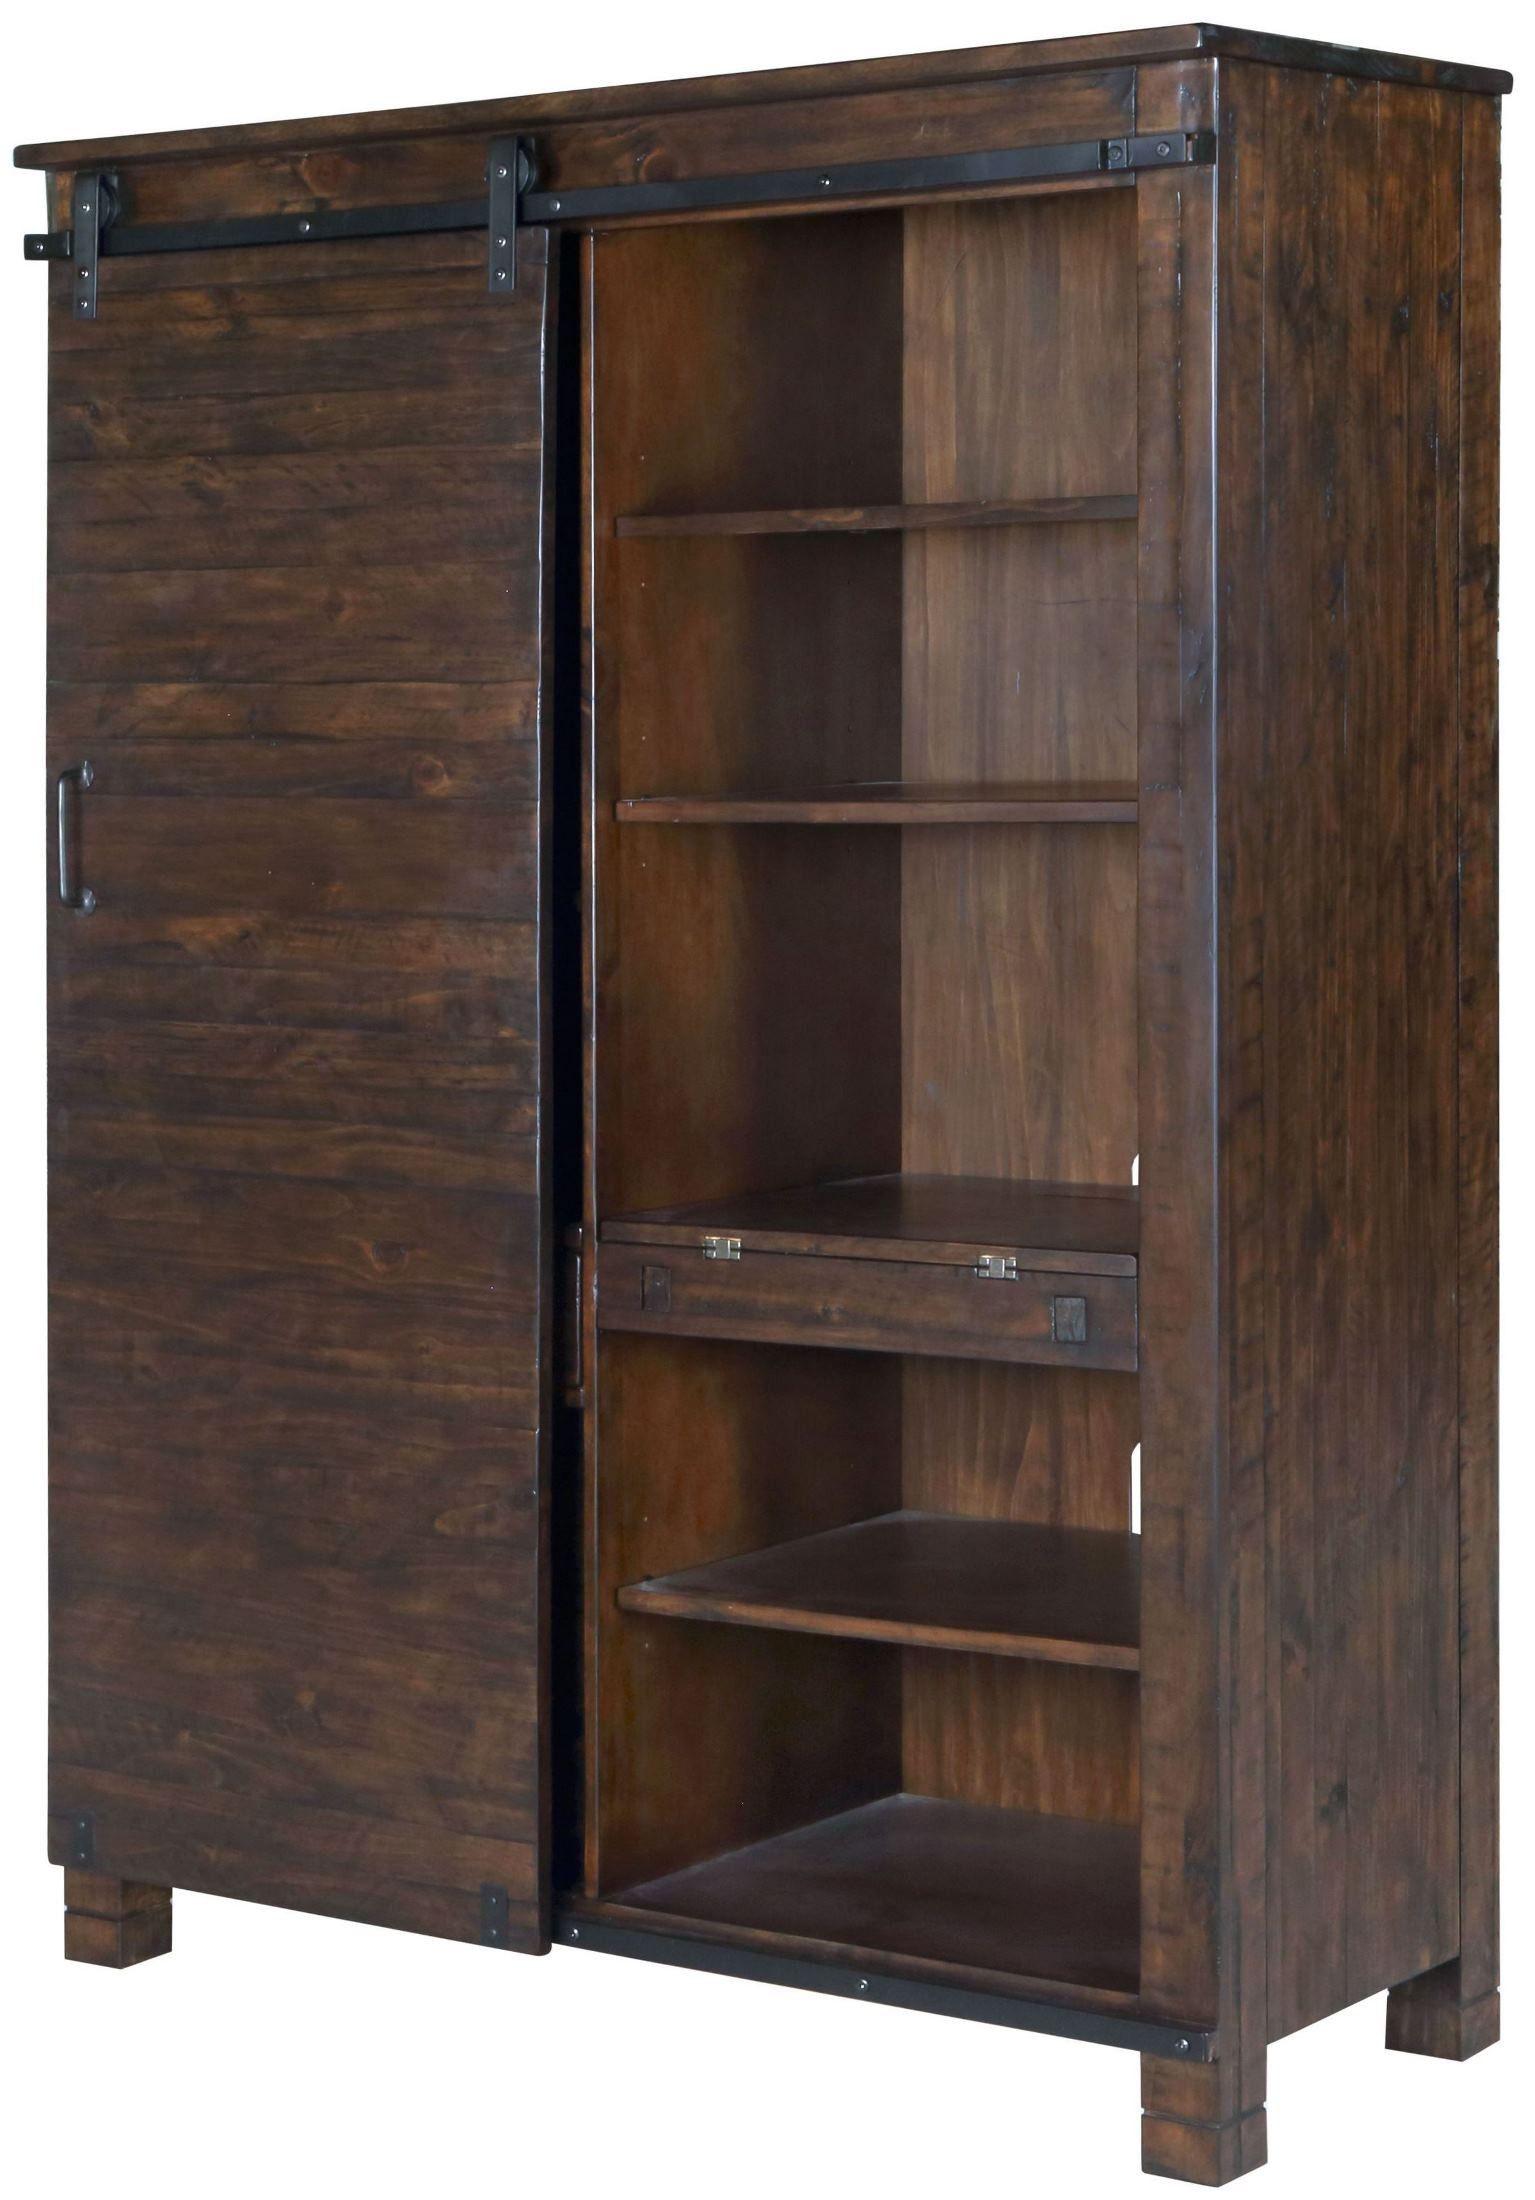 Pine Hill Rustic Pine Door Bookcase